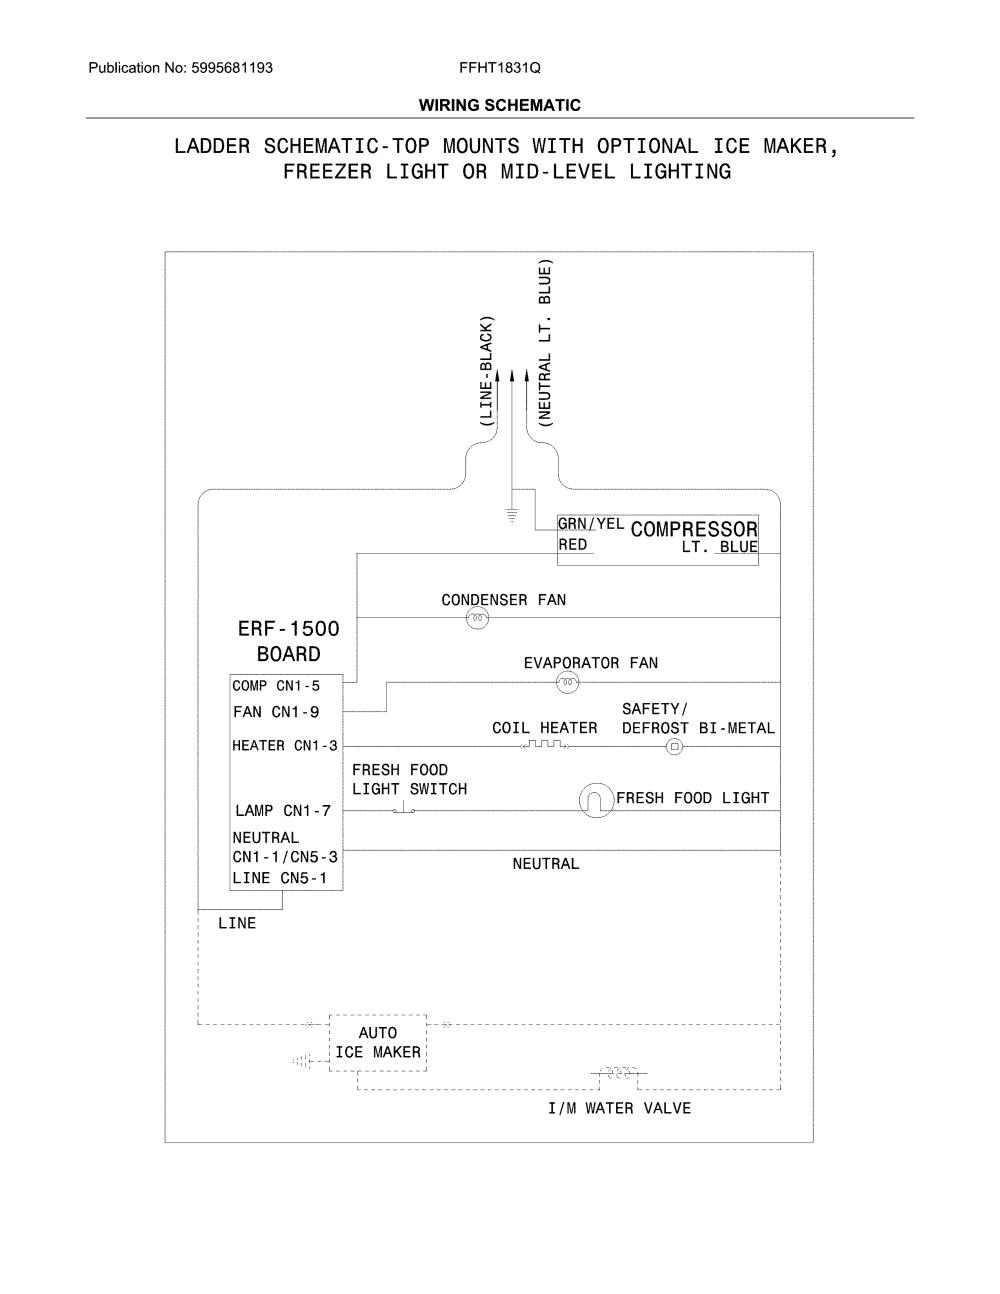 medium resolution of frigidaire ffht1831qe4 wiring schematic diagram